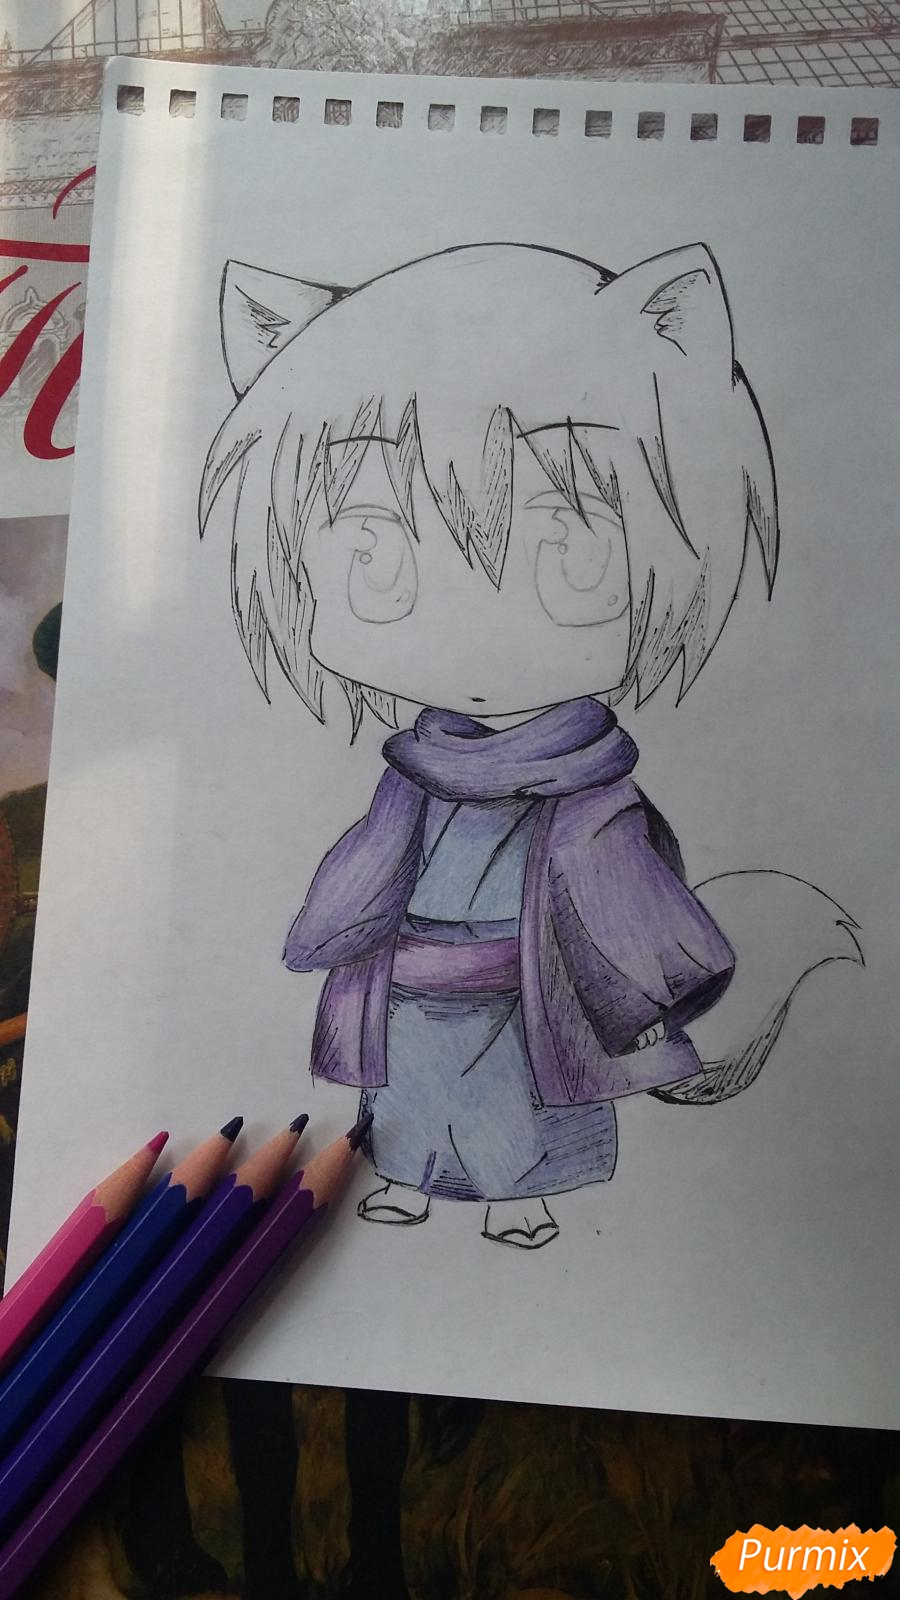 Как нарисовать Томоэ в стиле чиби из аниме Очень приятно, Бог  - шаг 7